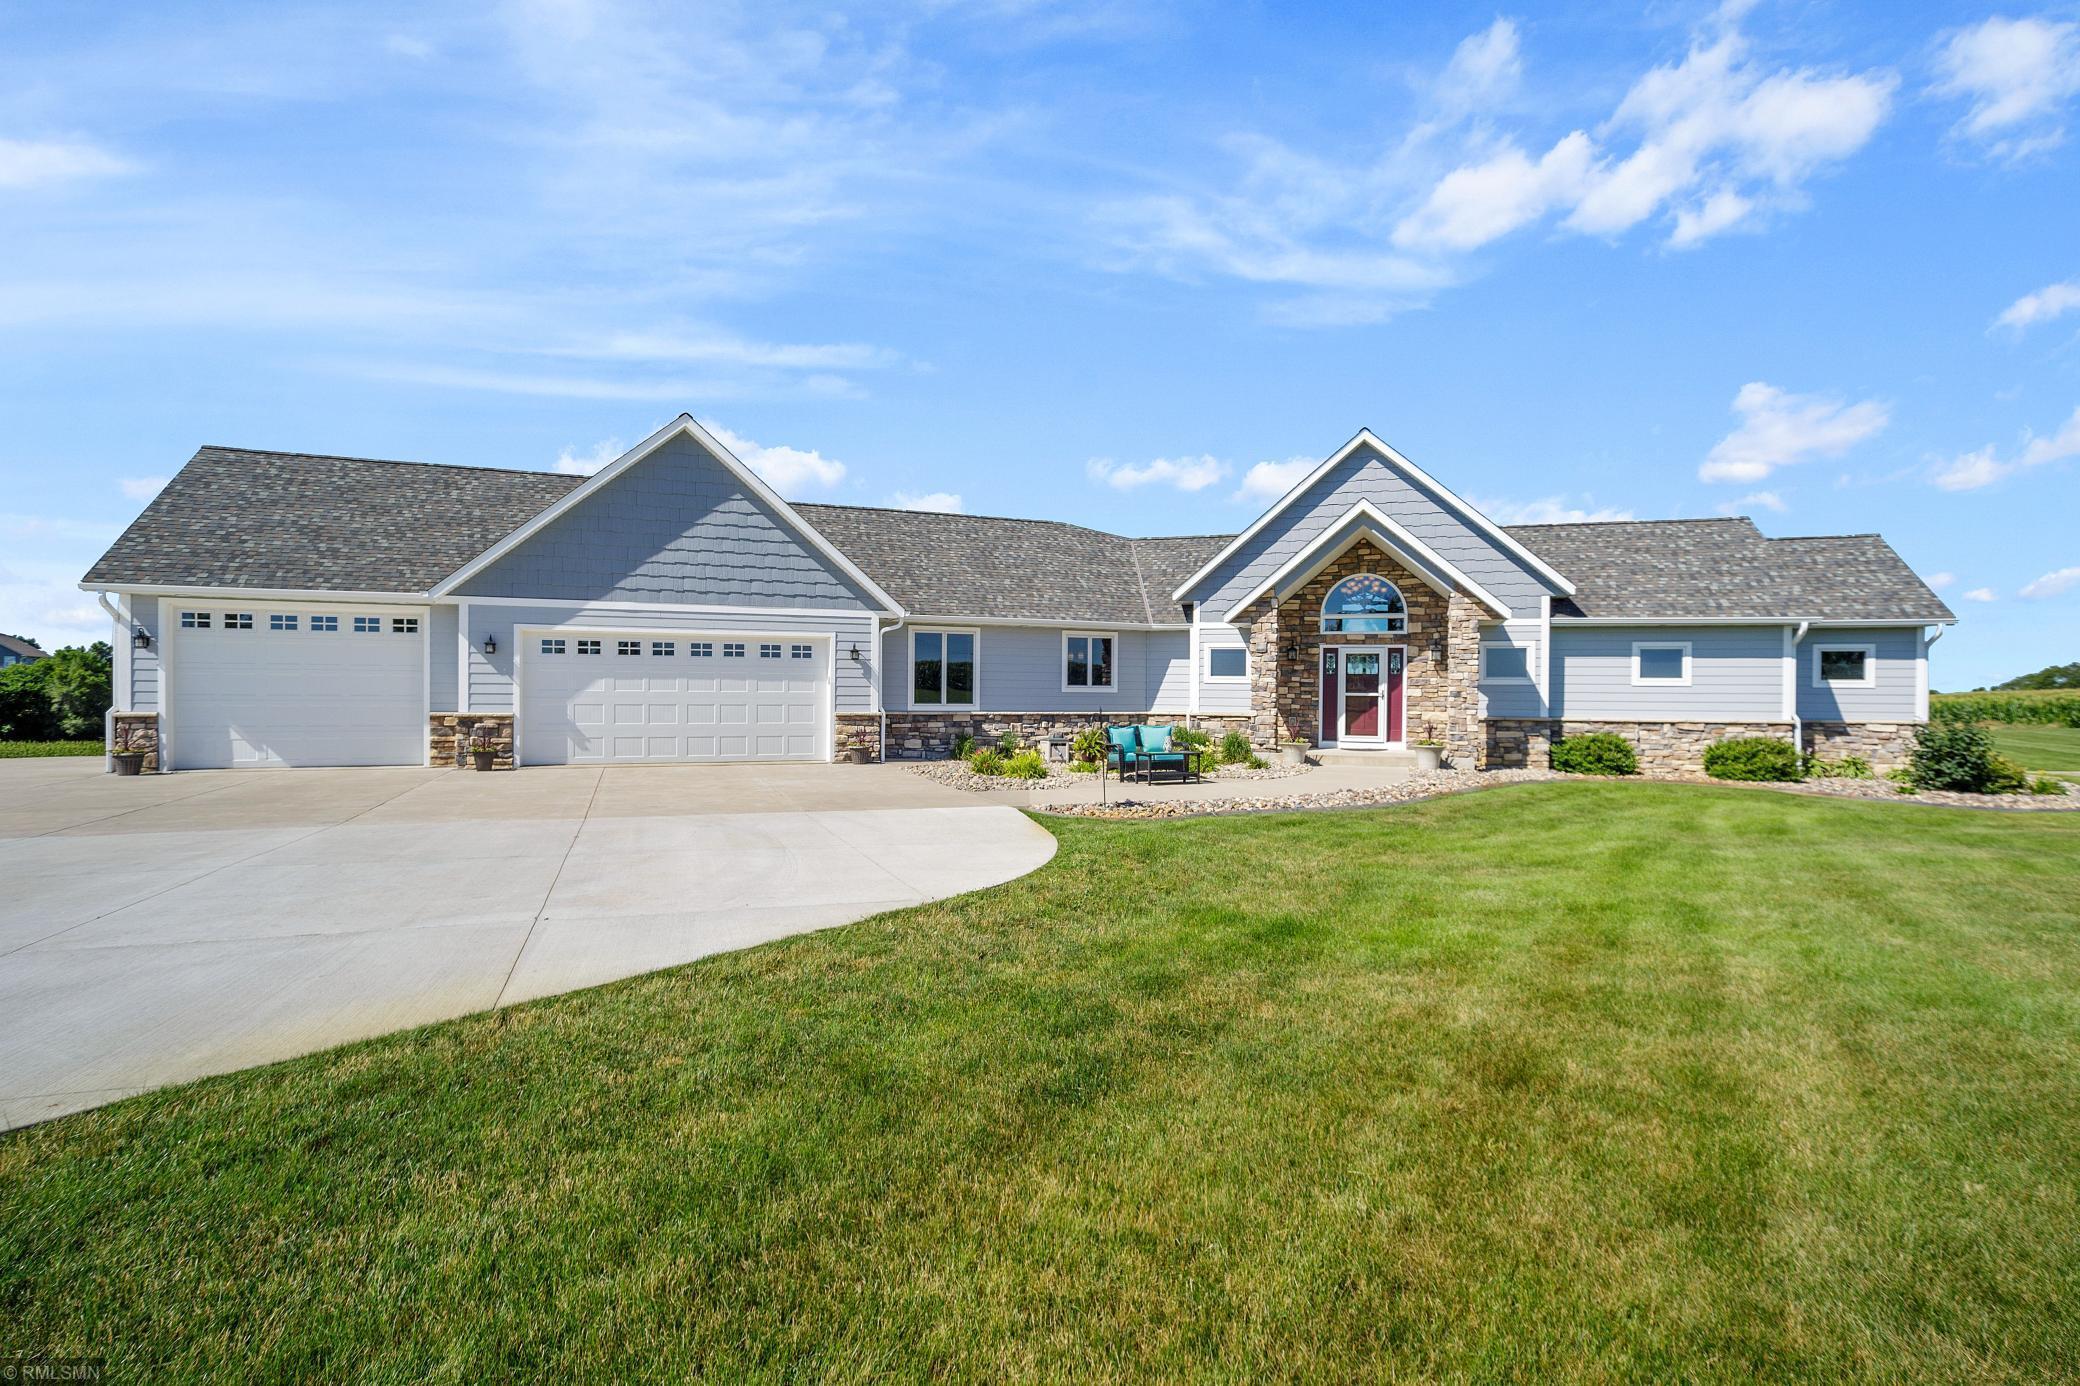 25259 Blaine Property Photo - Farmington, MN real estate listing